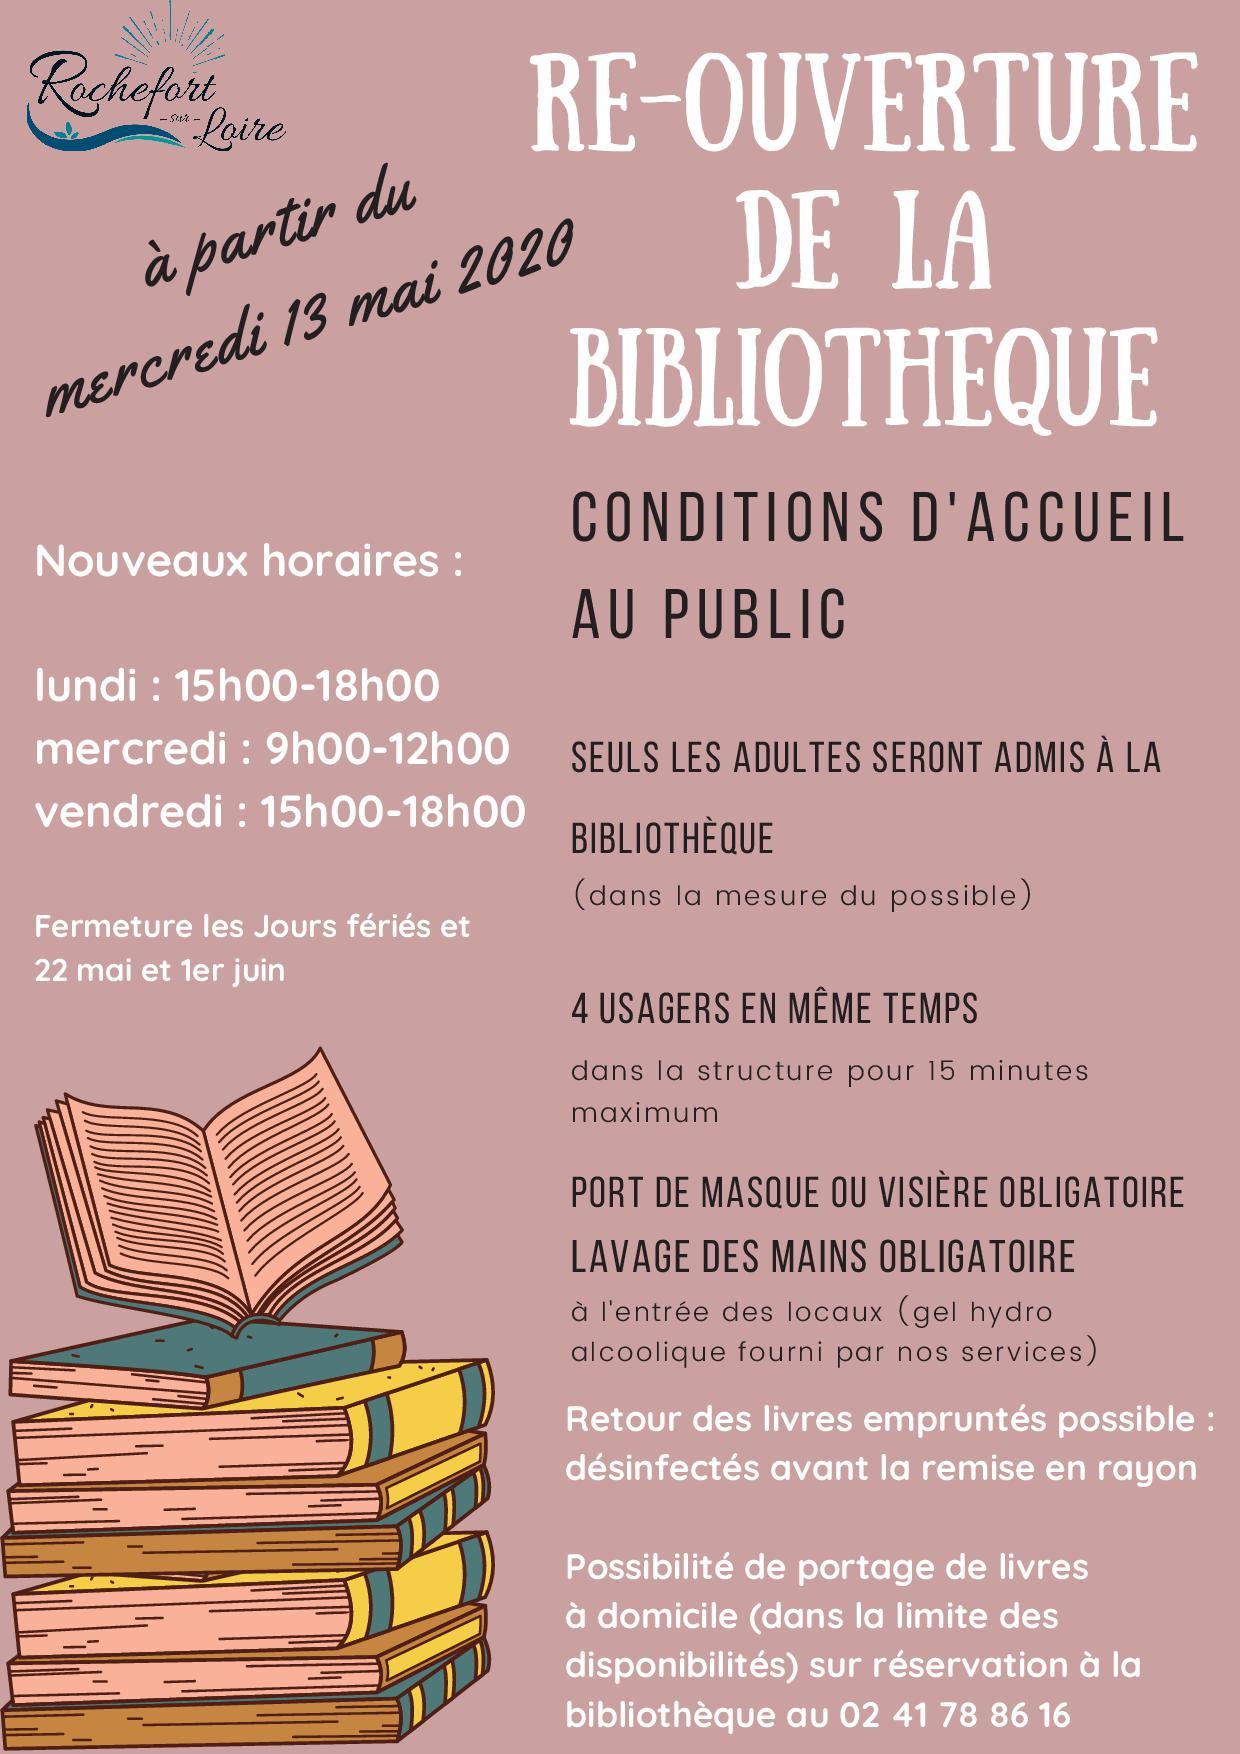 Re-ouverture de la bibliotheque(1)